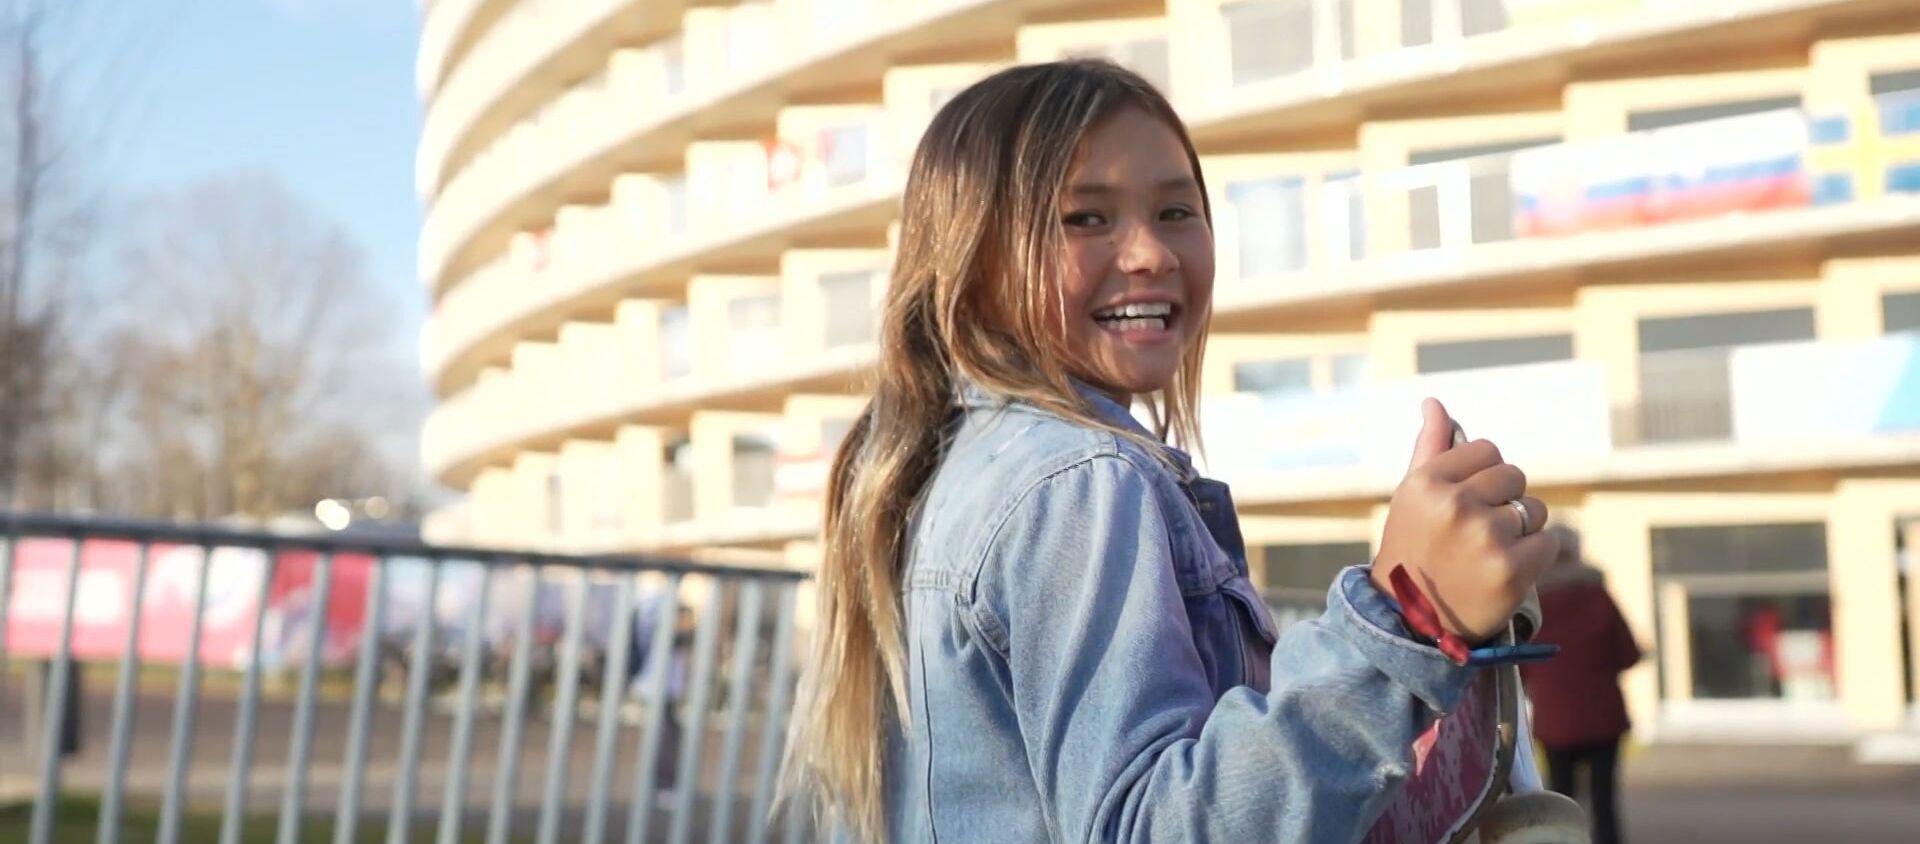 Девочка-вундеркинд готовится выступить на Олимпиаде-2020 в Токио - Sputnik Абхазия, 1920, 19.01.2020